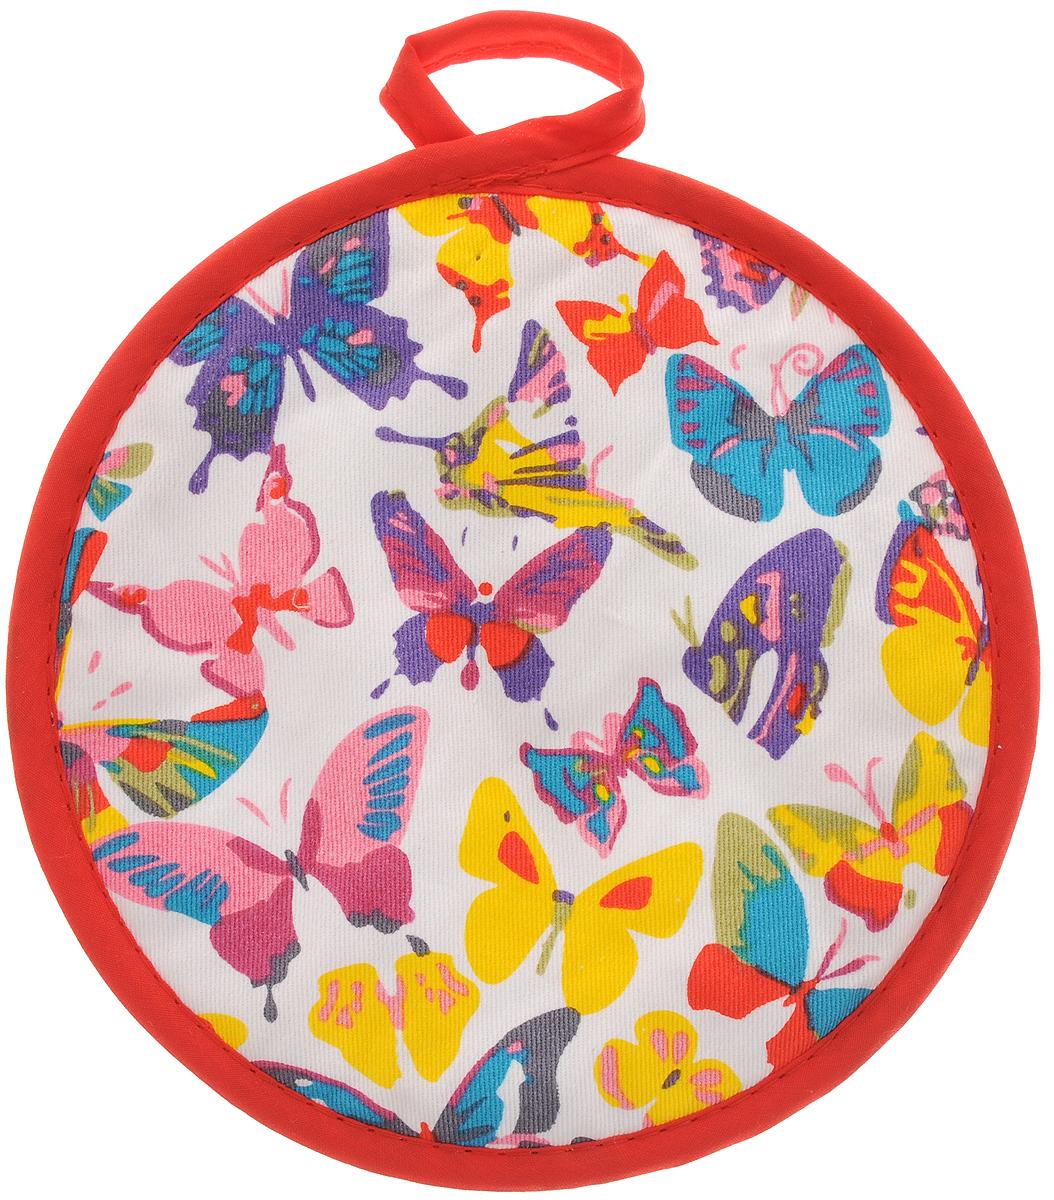 Прихватка Bonita Бабочки, диаметр 18 см1101211569Прихватка Bonita выполнена из натурального хлопка и декорированаоригинальным рисунком.Изделие оснащено специальной петелькой, закоторую его можно подвесить на крючок в любомудобном для вас месте.Такая прихватка красиво дополнит интерьер кухни.